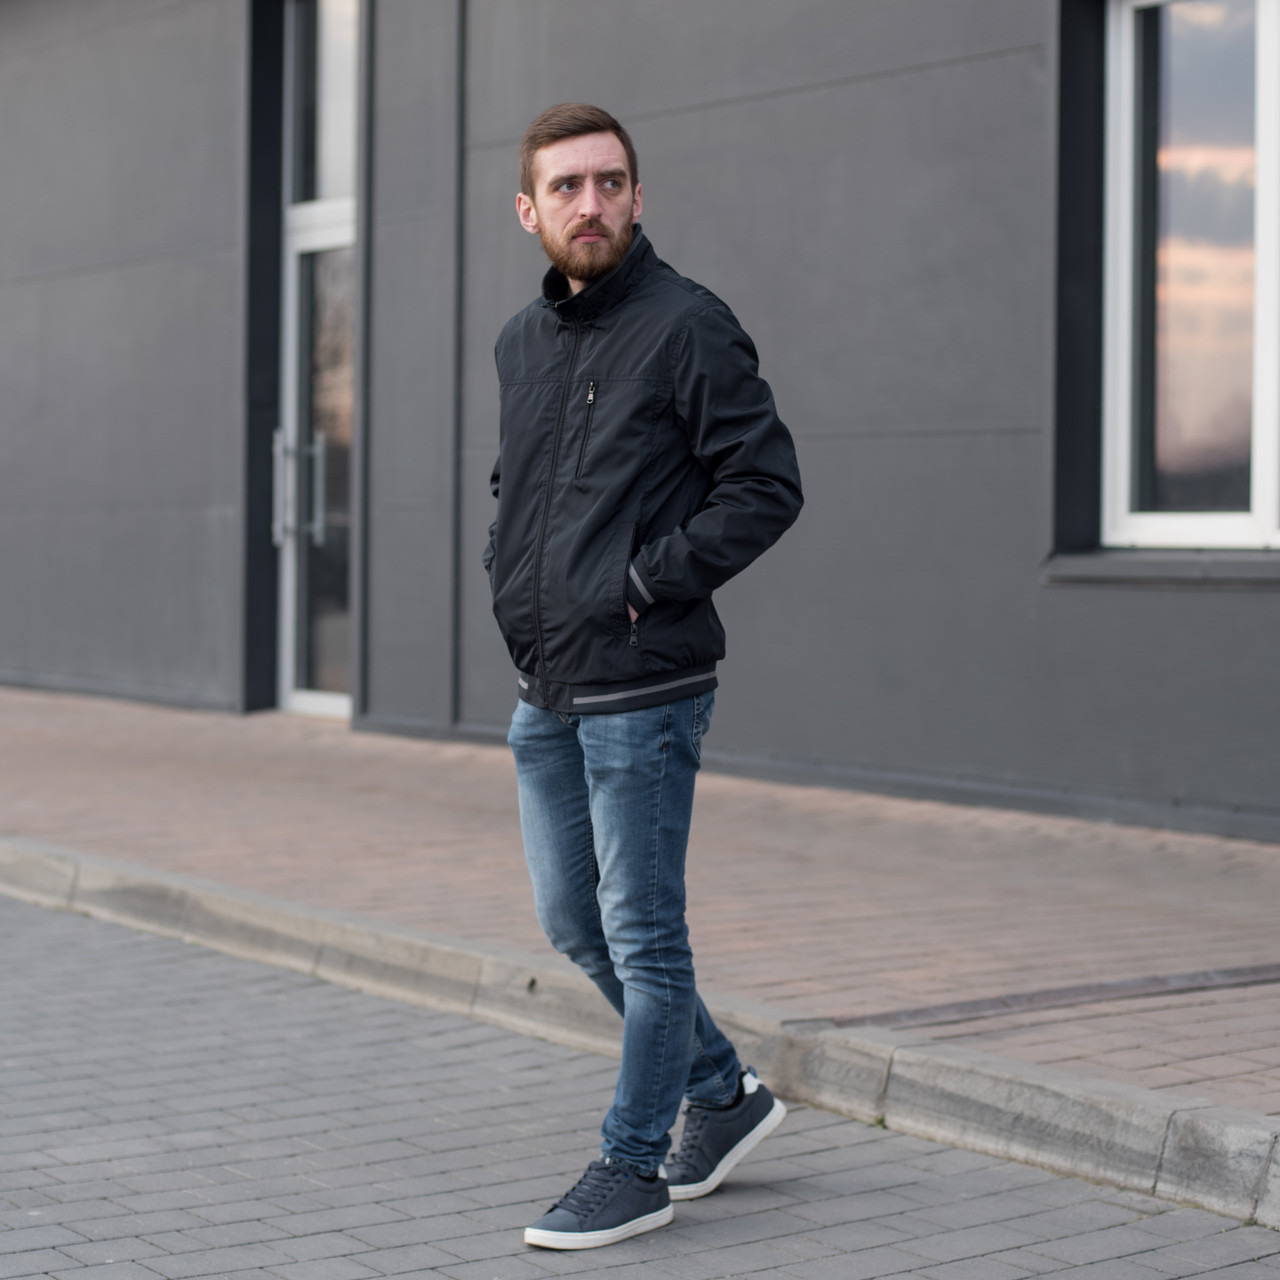 Чоловіча куртка (вітрівка) темно-синього кольору. Великого розміру